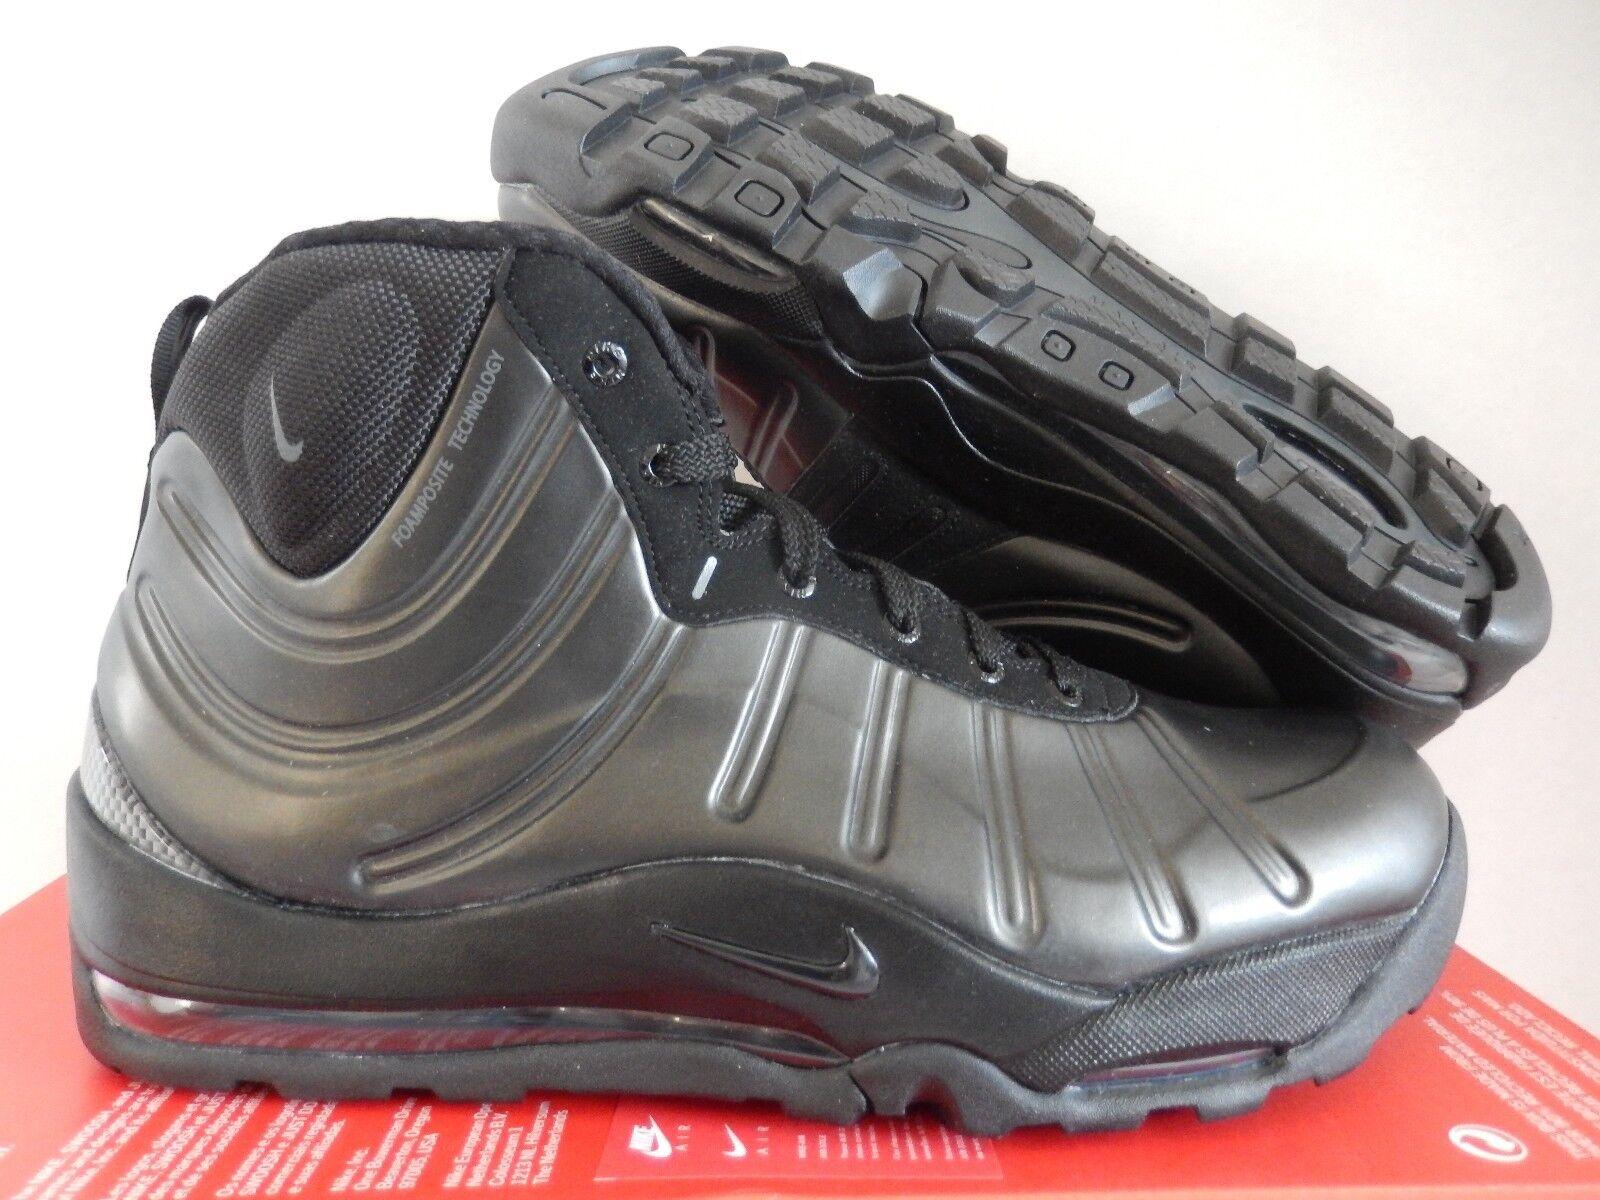 Bota Nike Air Bakin compuesto Negro-anthracite-Negro-Negro reducción reducción Negro-anthracite-Negro-Negro de precios nuevos zapatos para hombres y mujeres, el limitado tiempo de descuento 483d0e